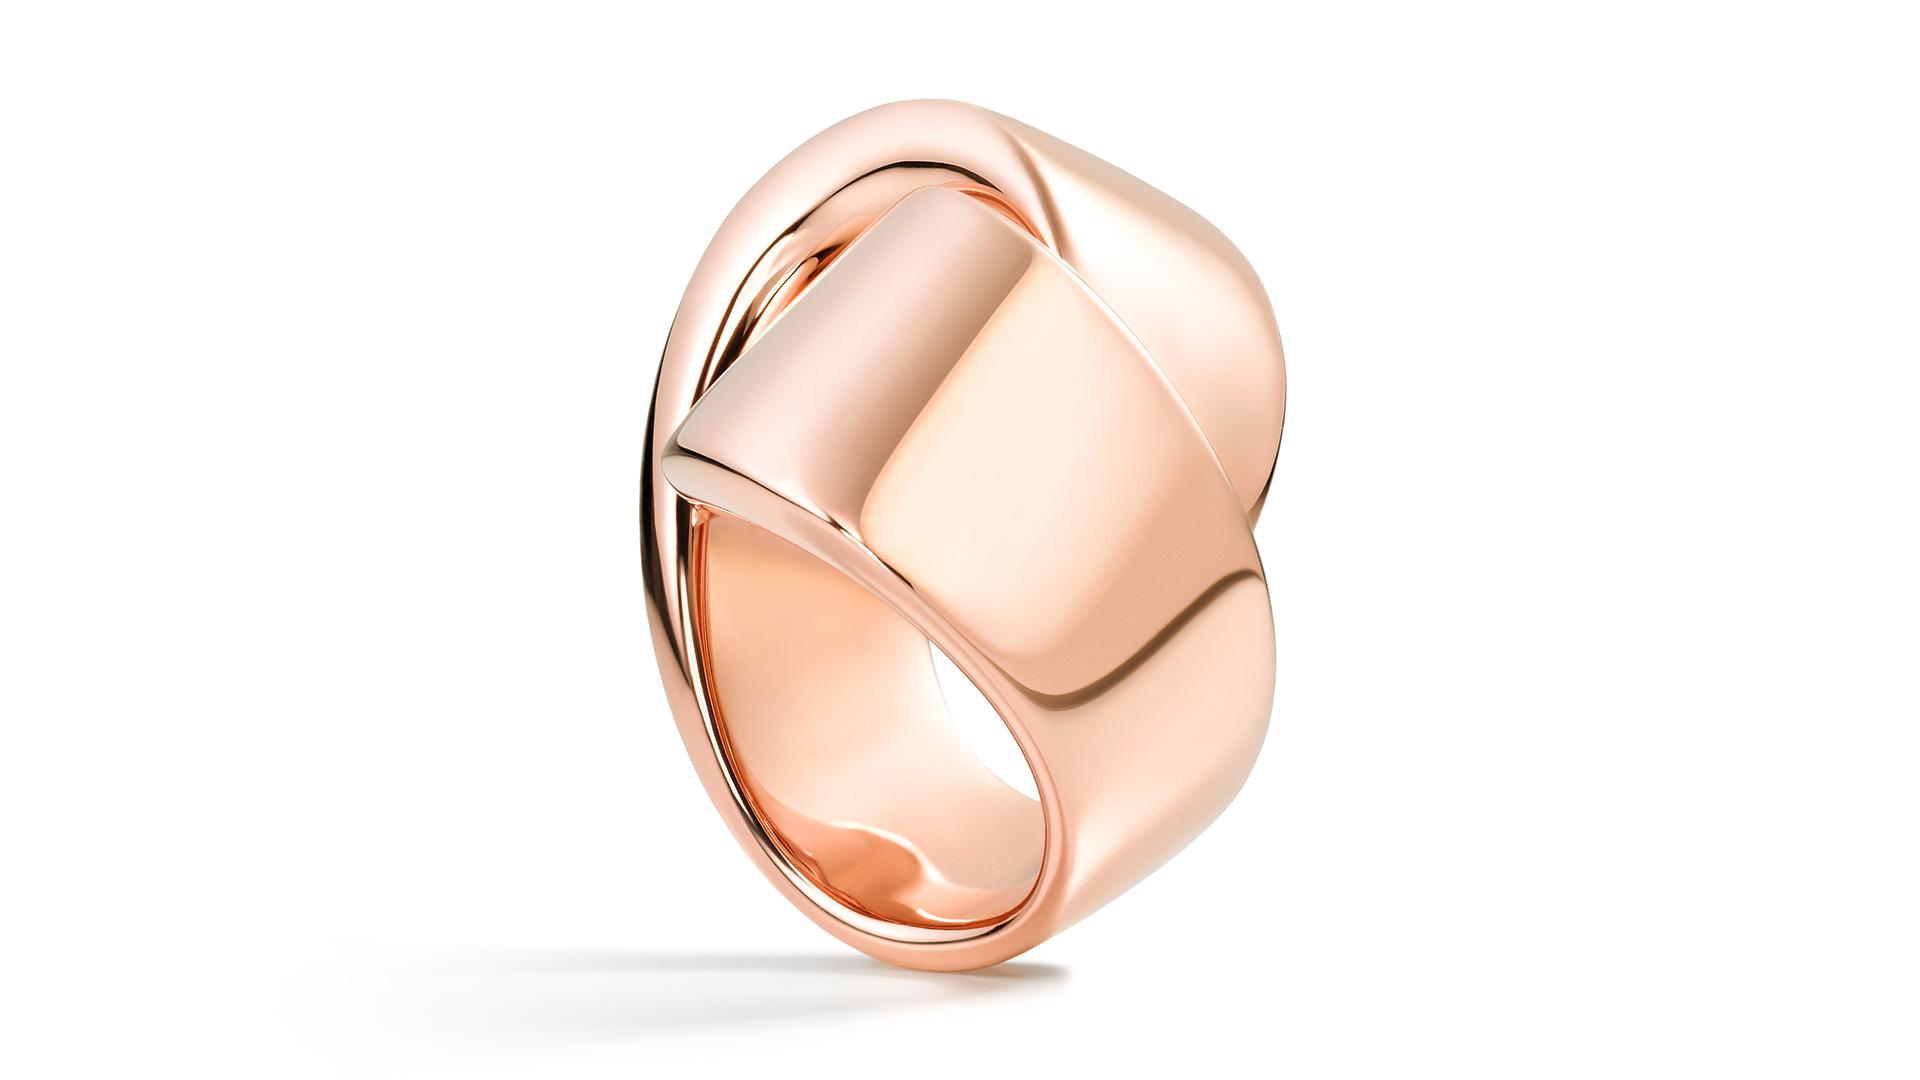 Abbraccio ring